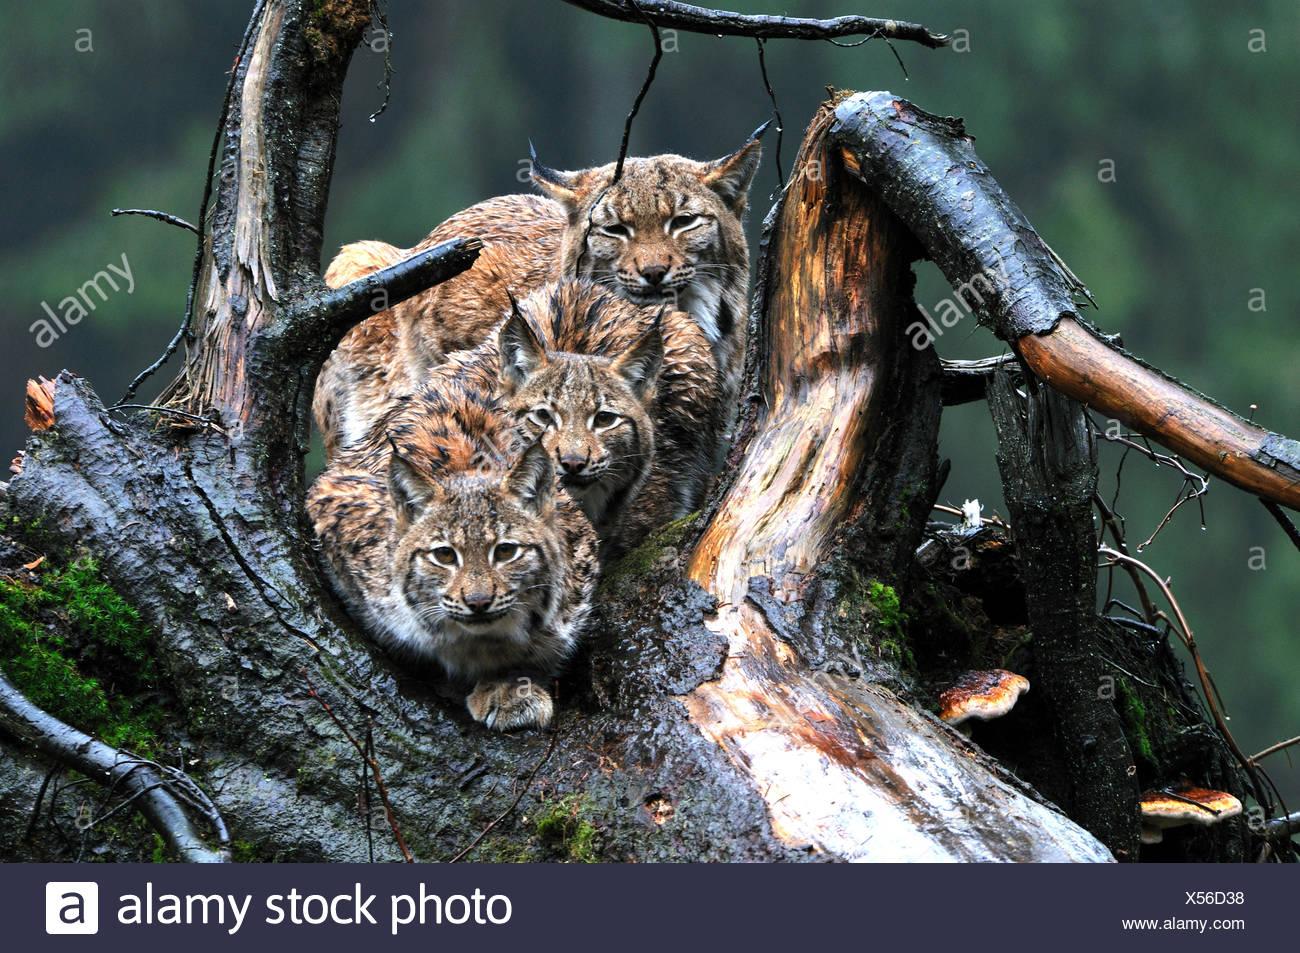 Lynx cat gatto grande predatore gatti wildcat grande gatti lince gli animali da pelliccia inverno inverno Neve Lynx Lynx Lynx lynx eurasiatica unione Immagini Stock